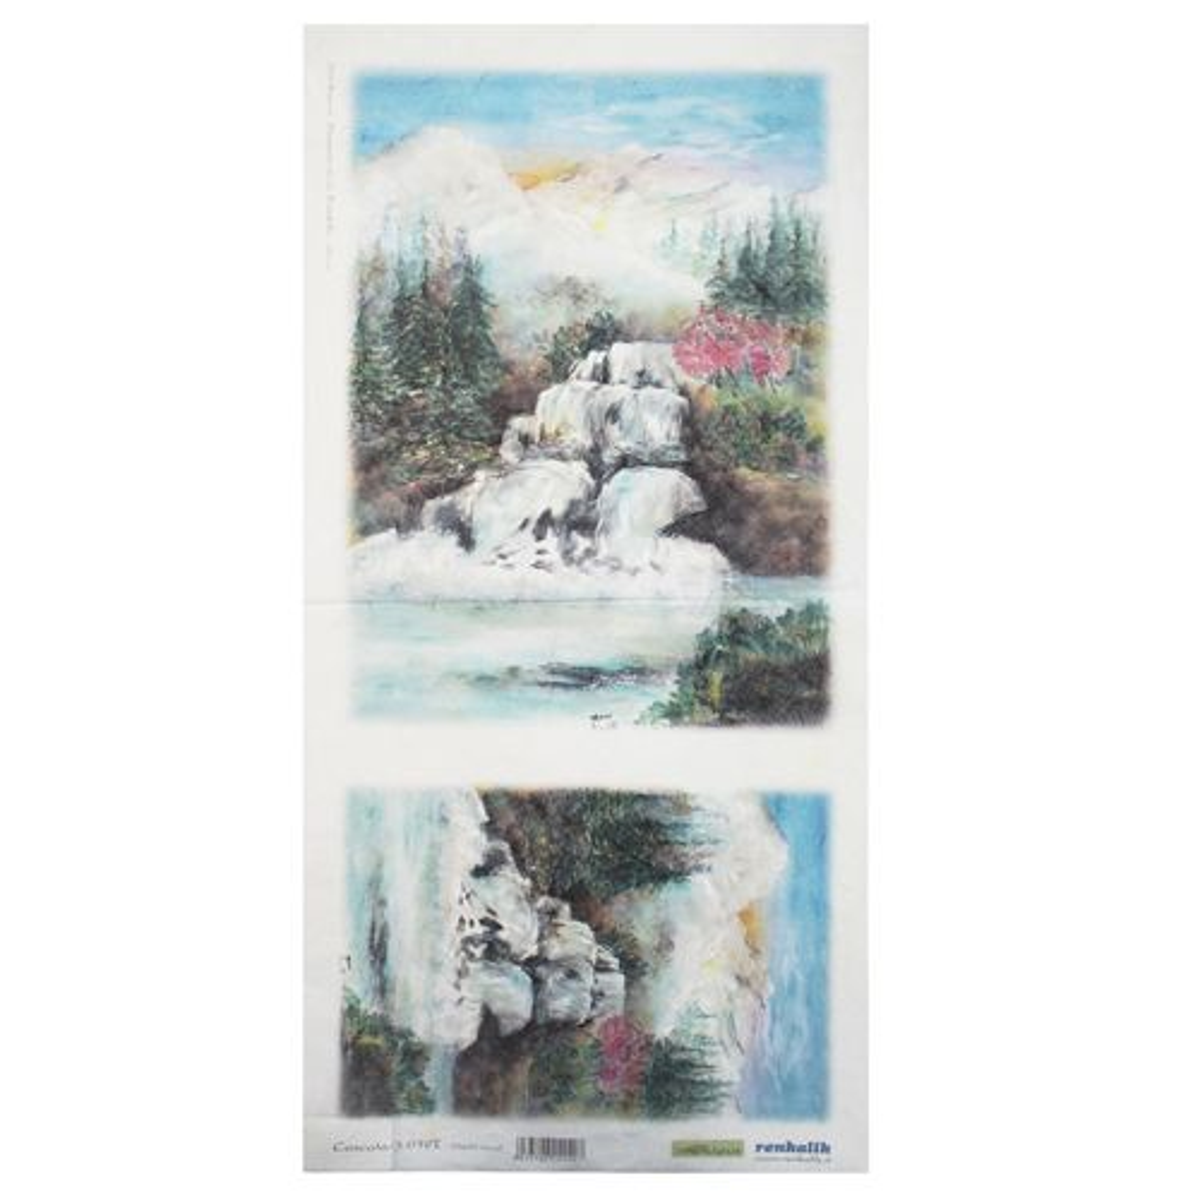 QSITO019T Декупажная бумага рисовая 'Водопад', плотность 25 гр./кв.м, 23х50 см, Renkalik